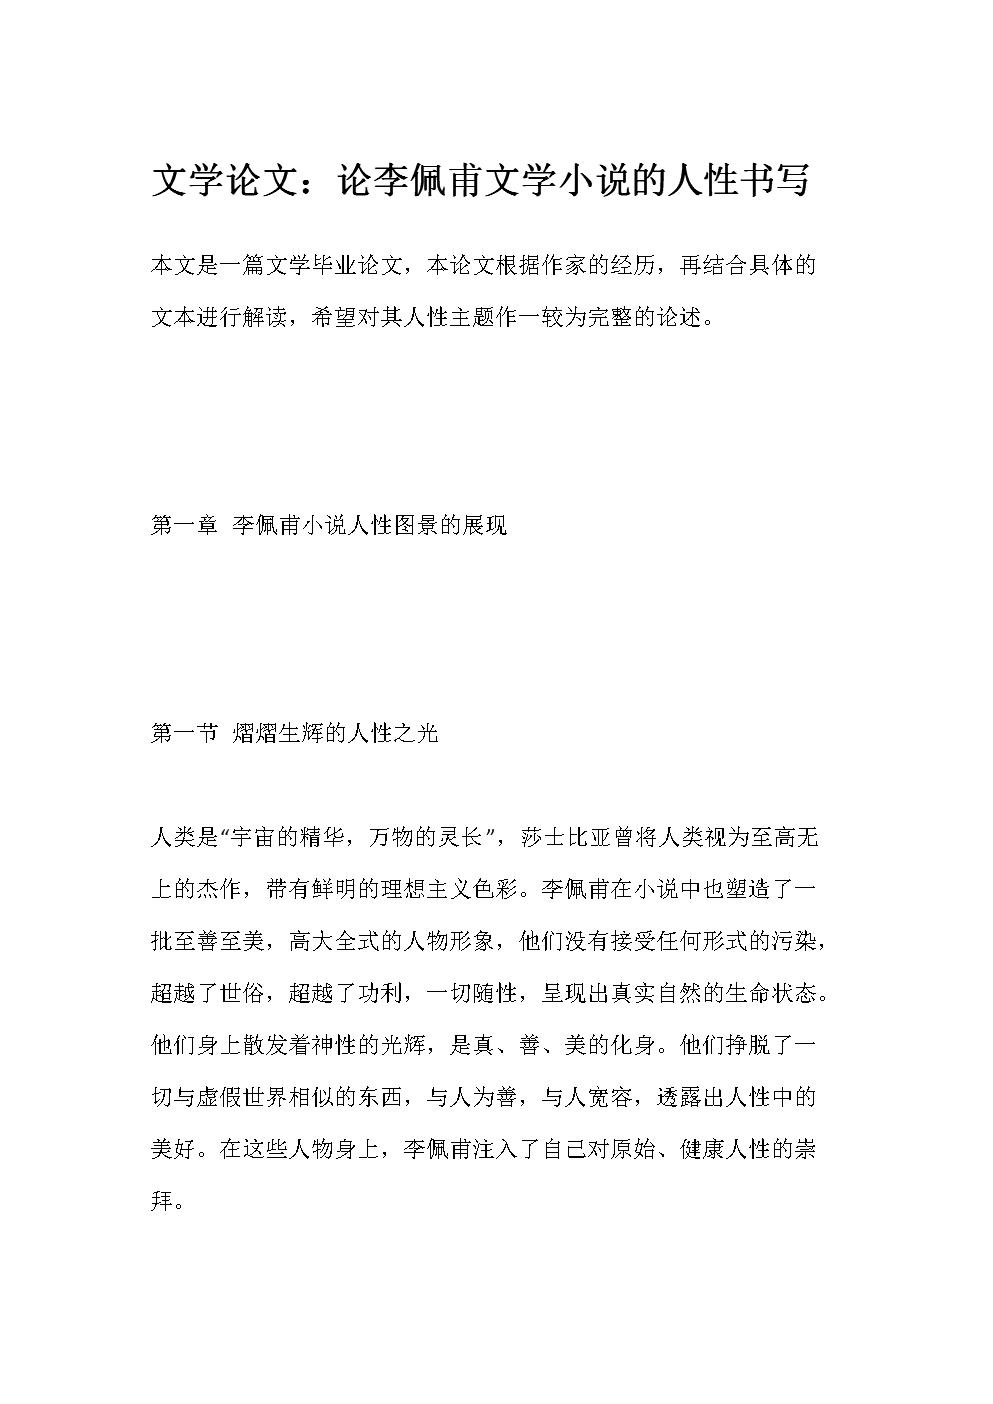 文学论文:论李佩甫文学小说的人性书写.docx